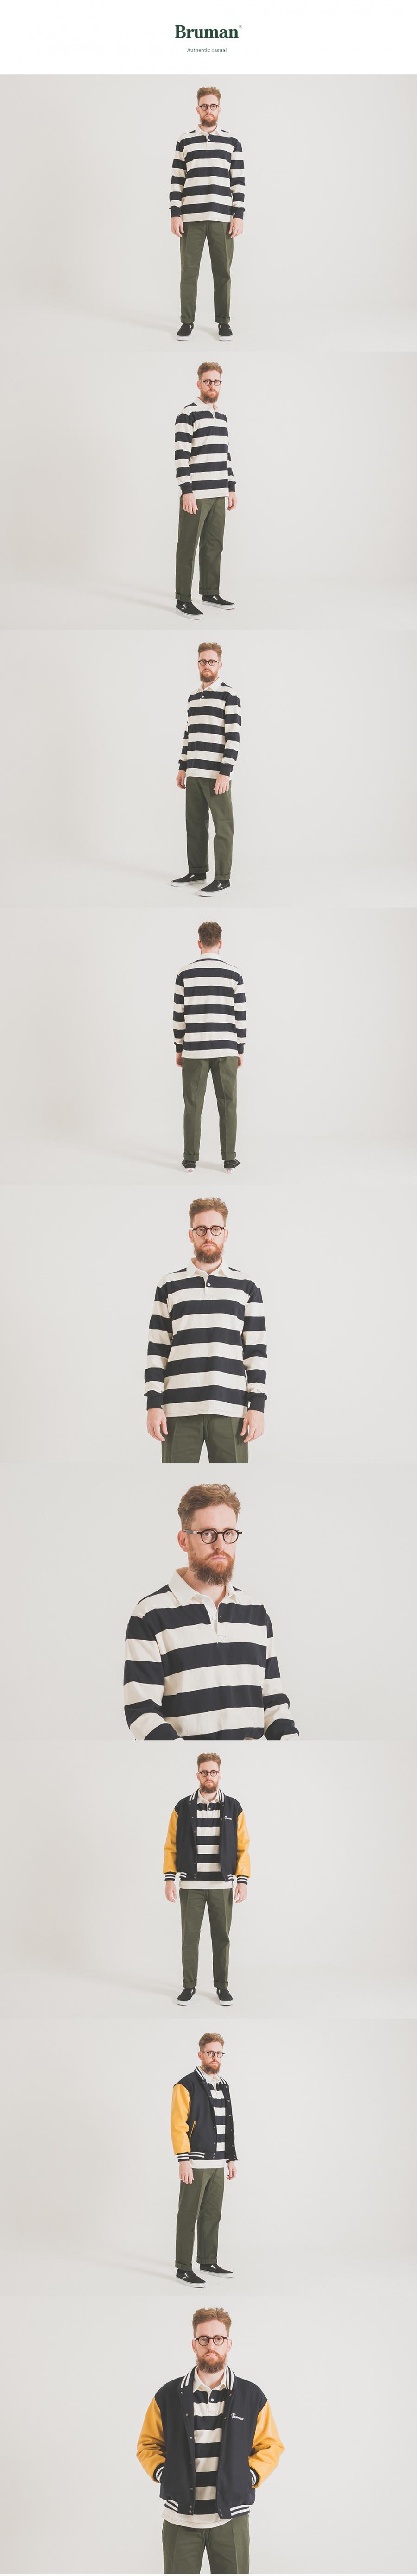 브루먼(BRUMAN) 럭비티셔츠 (네이비/아이보리)